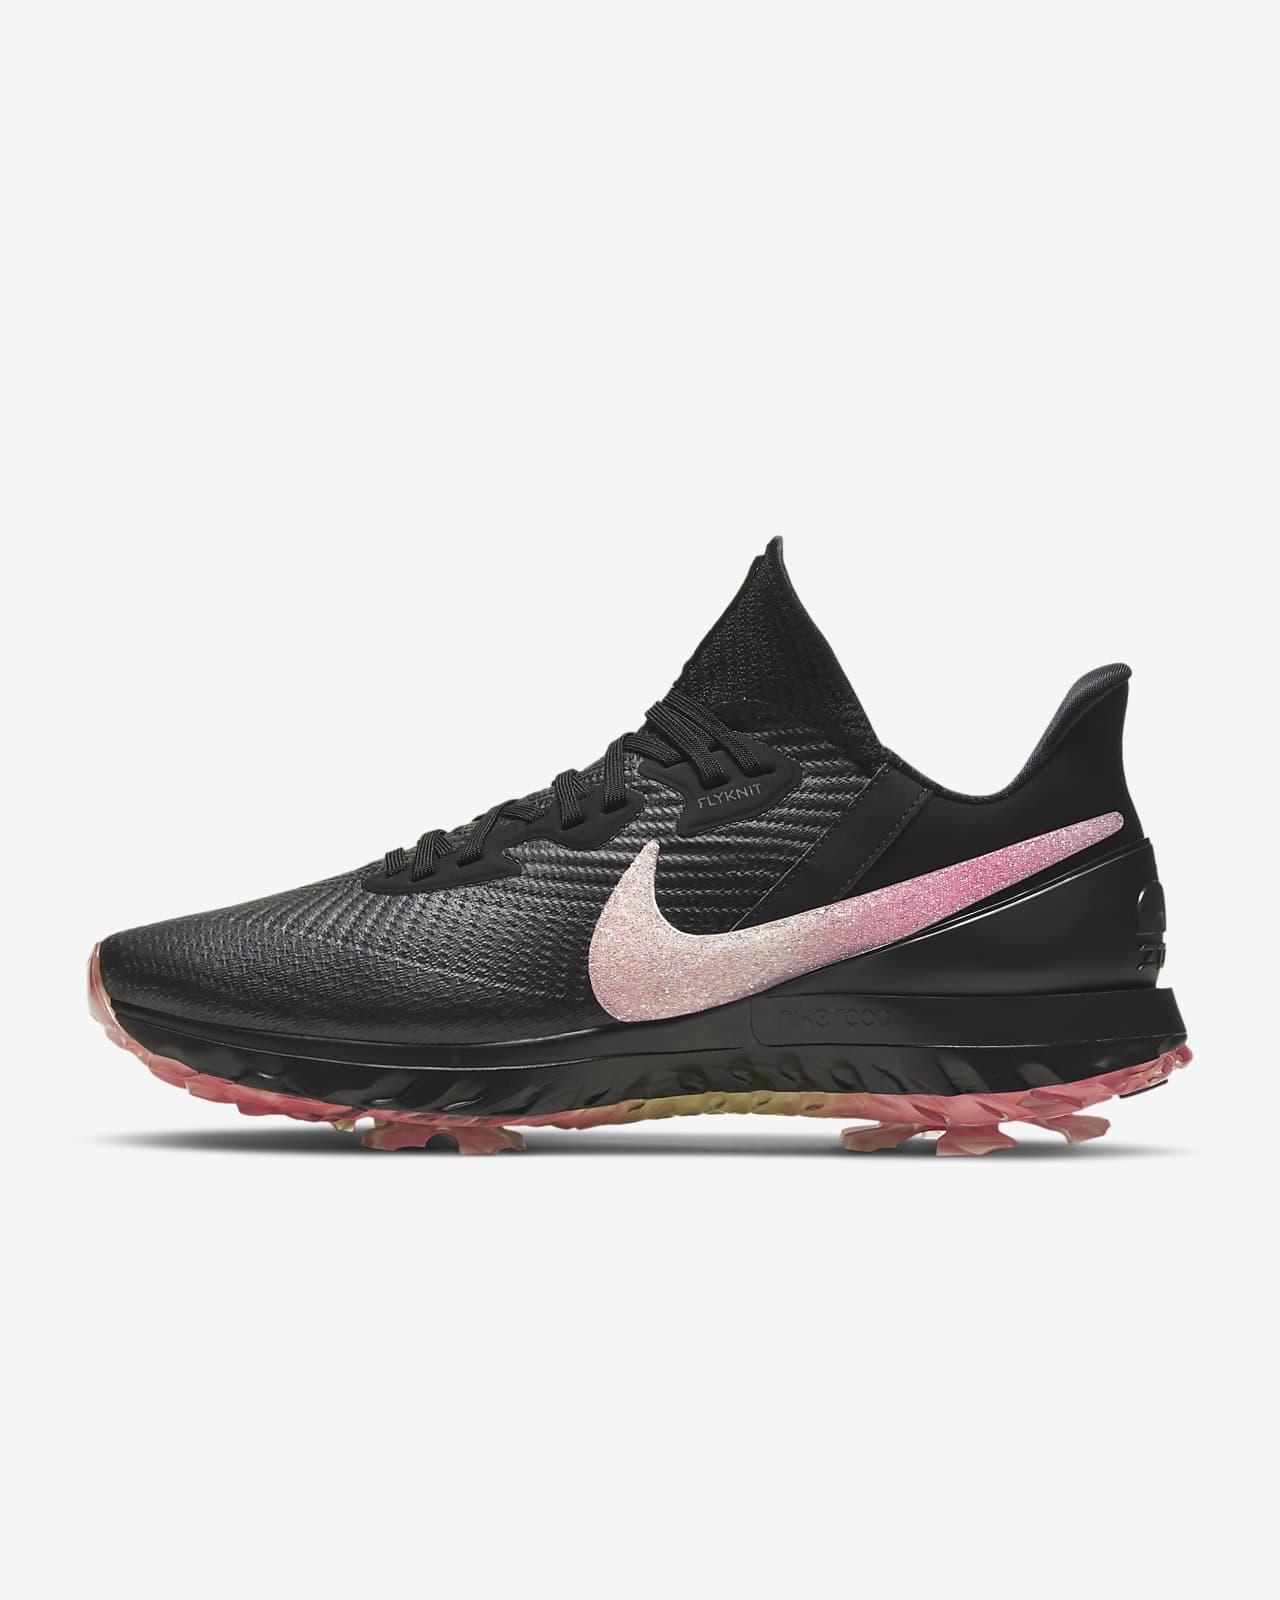 Παπούτσι γκολφ Nike Air Zoom Infinity Tour NRG